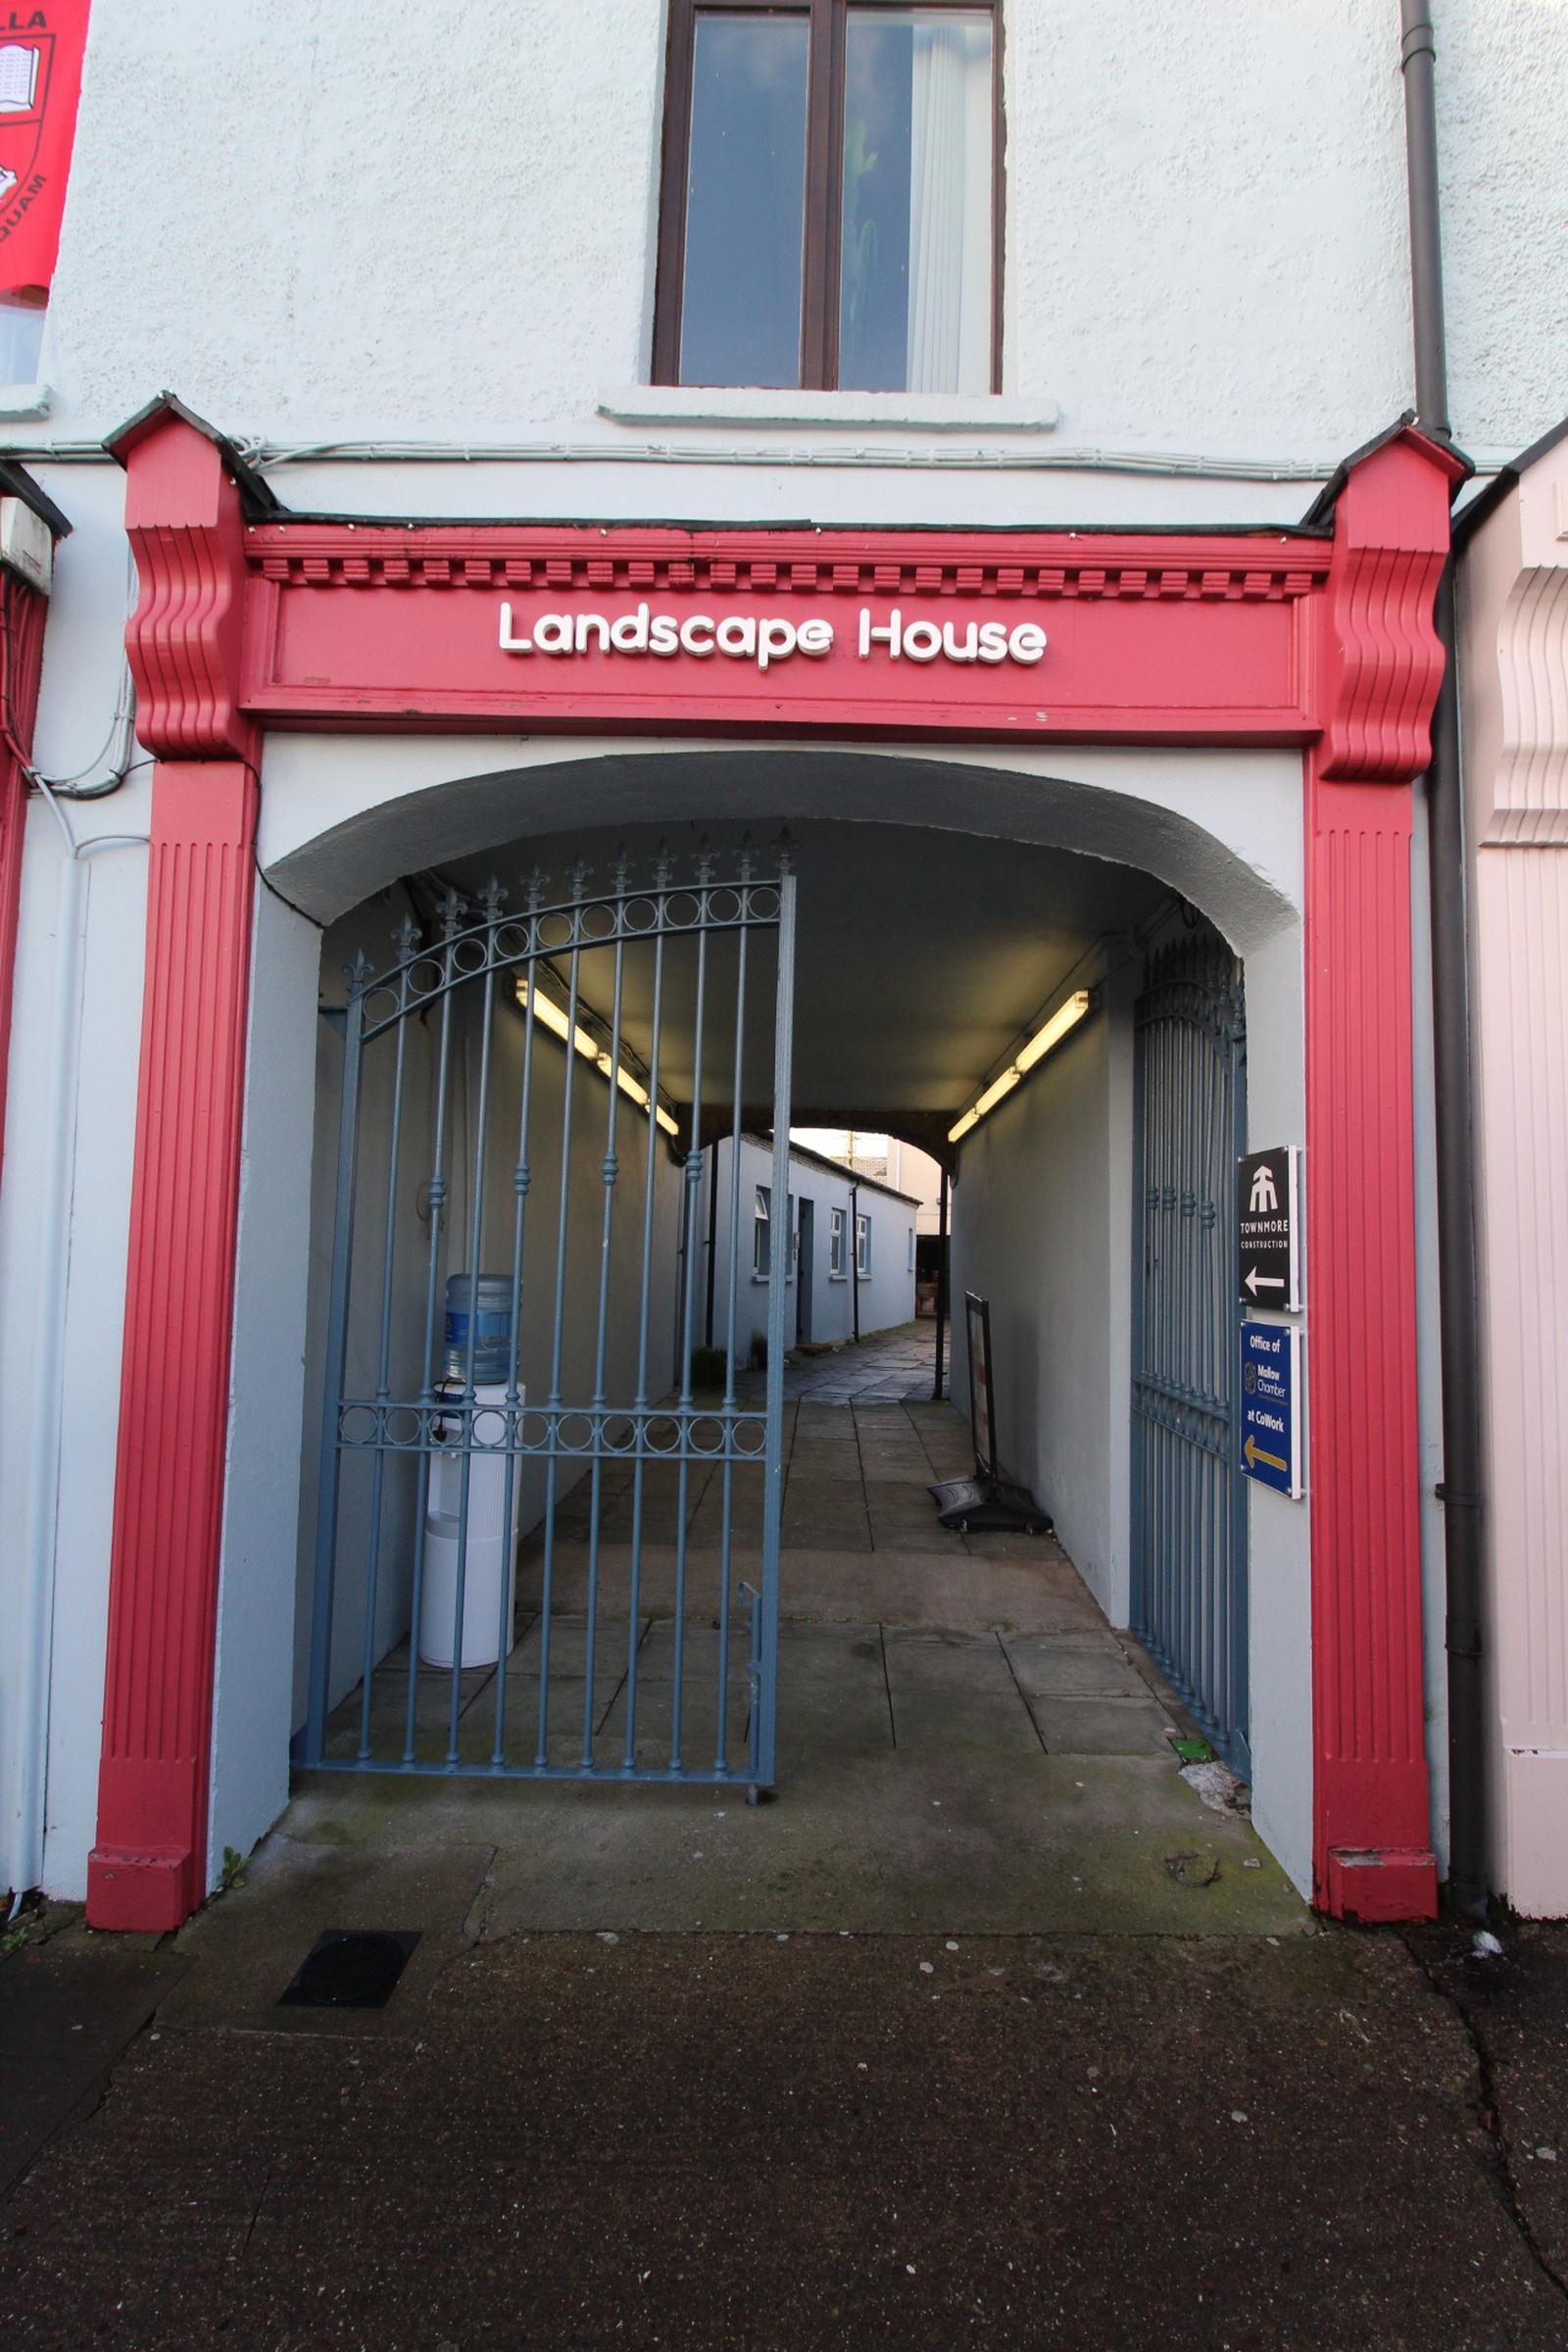 Landscape House, Mallow, Co. Cork